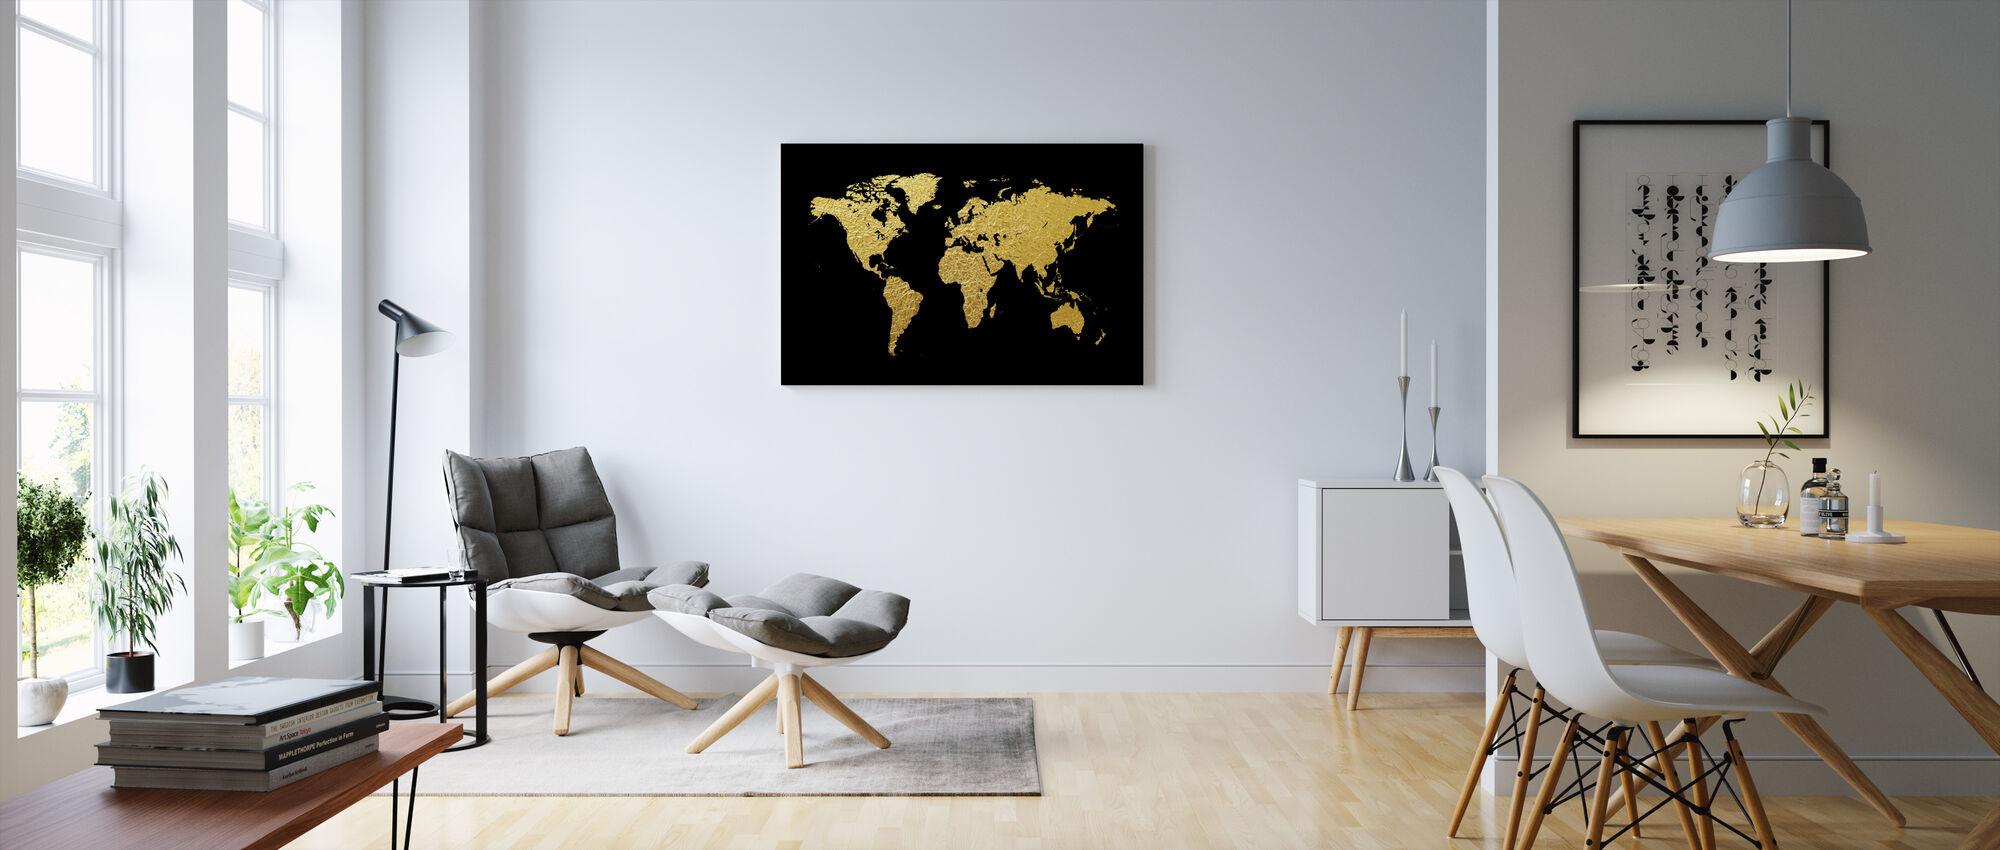 Carte du monde en or avec fond noir - Impression sur toile - Salle à manger